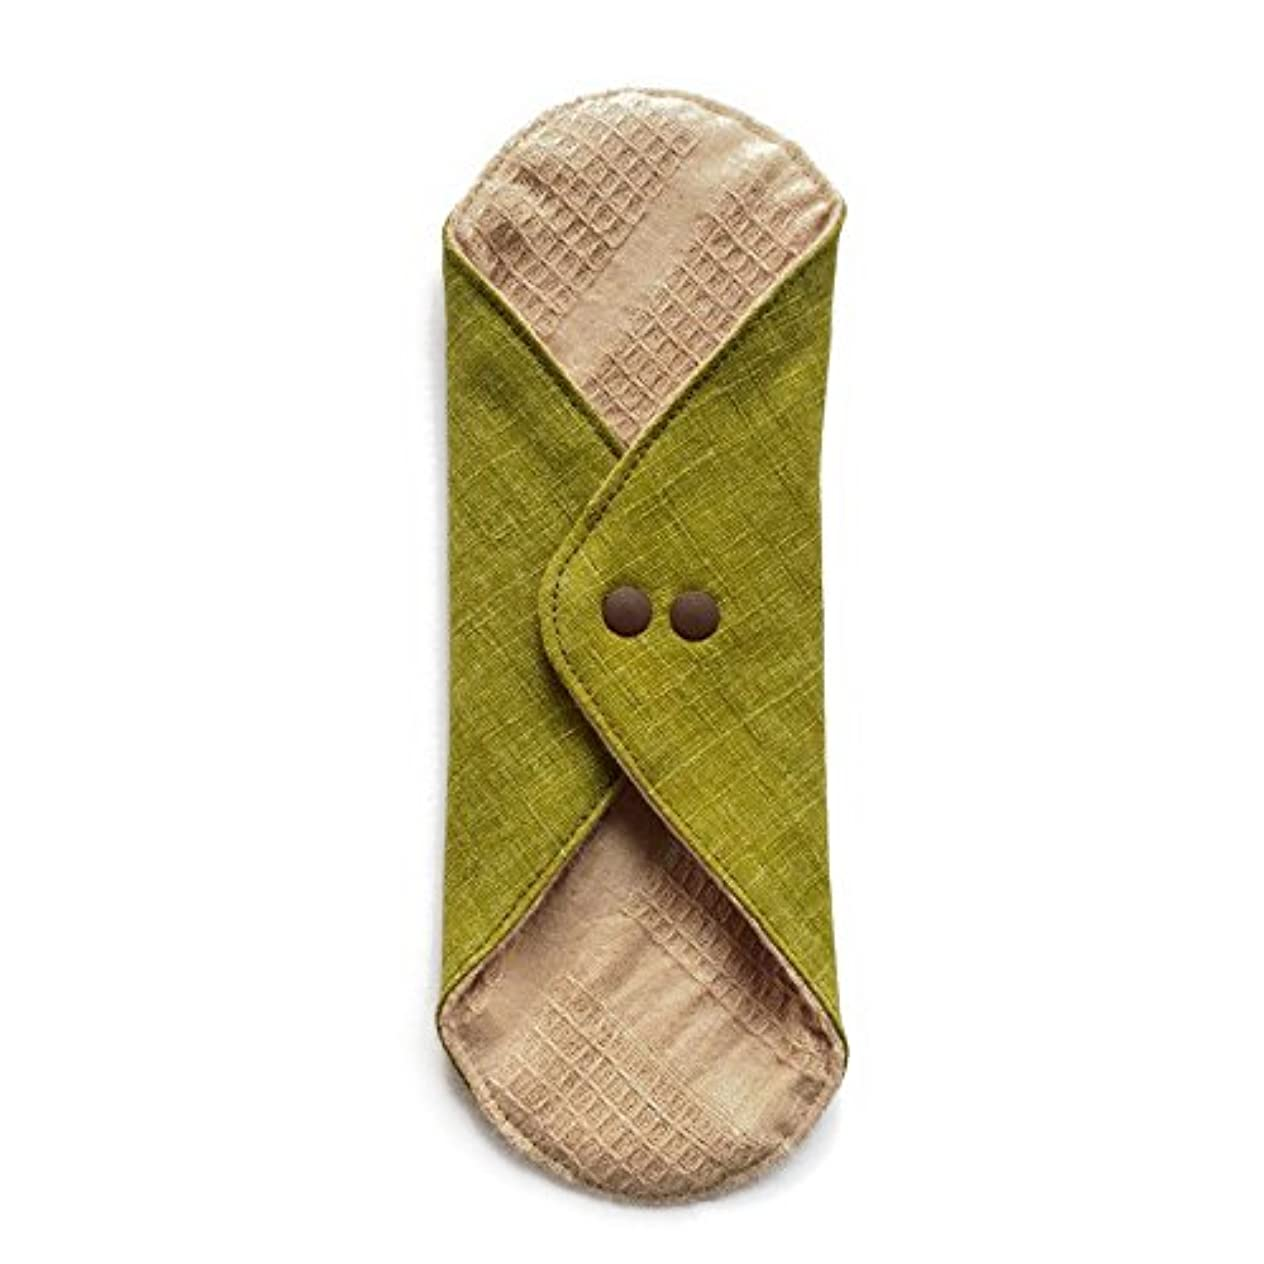 幸福まっすぐにするかもめ華布のオーガニックコットンのあたため布 Lサイズ (約18×約20.5×約0.5cm) 彩り(抹茶)